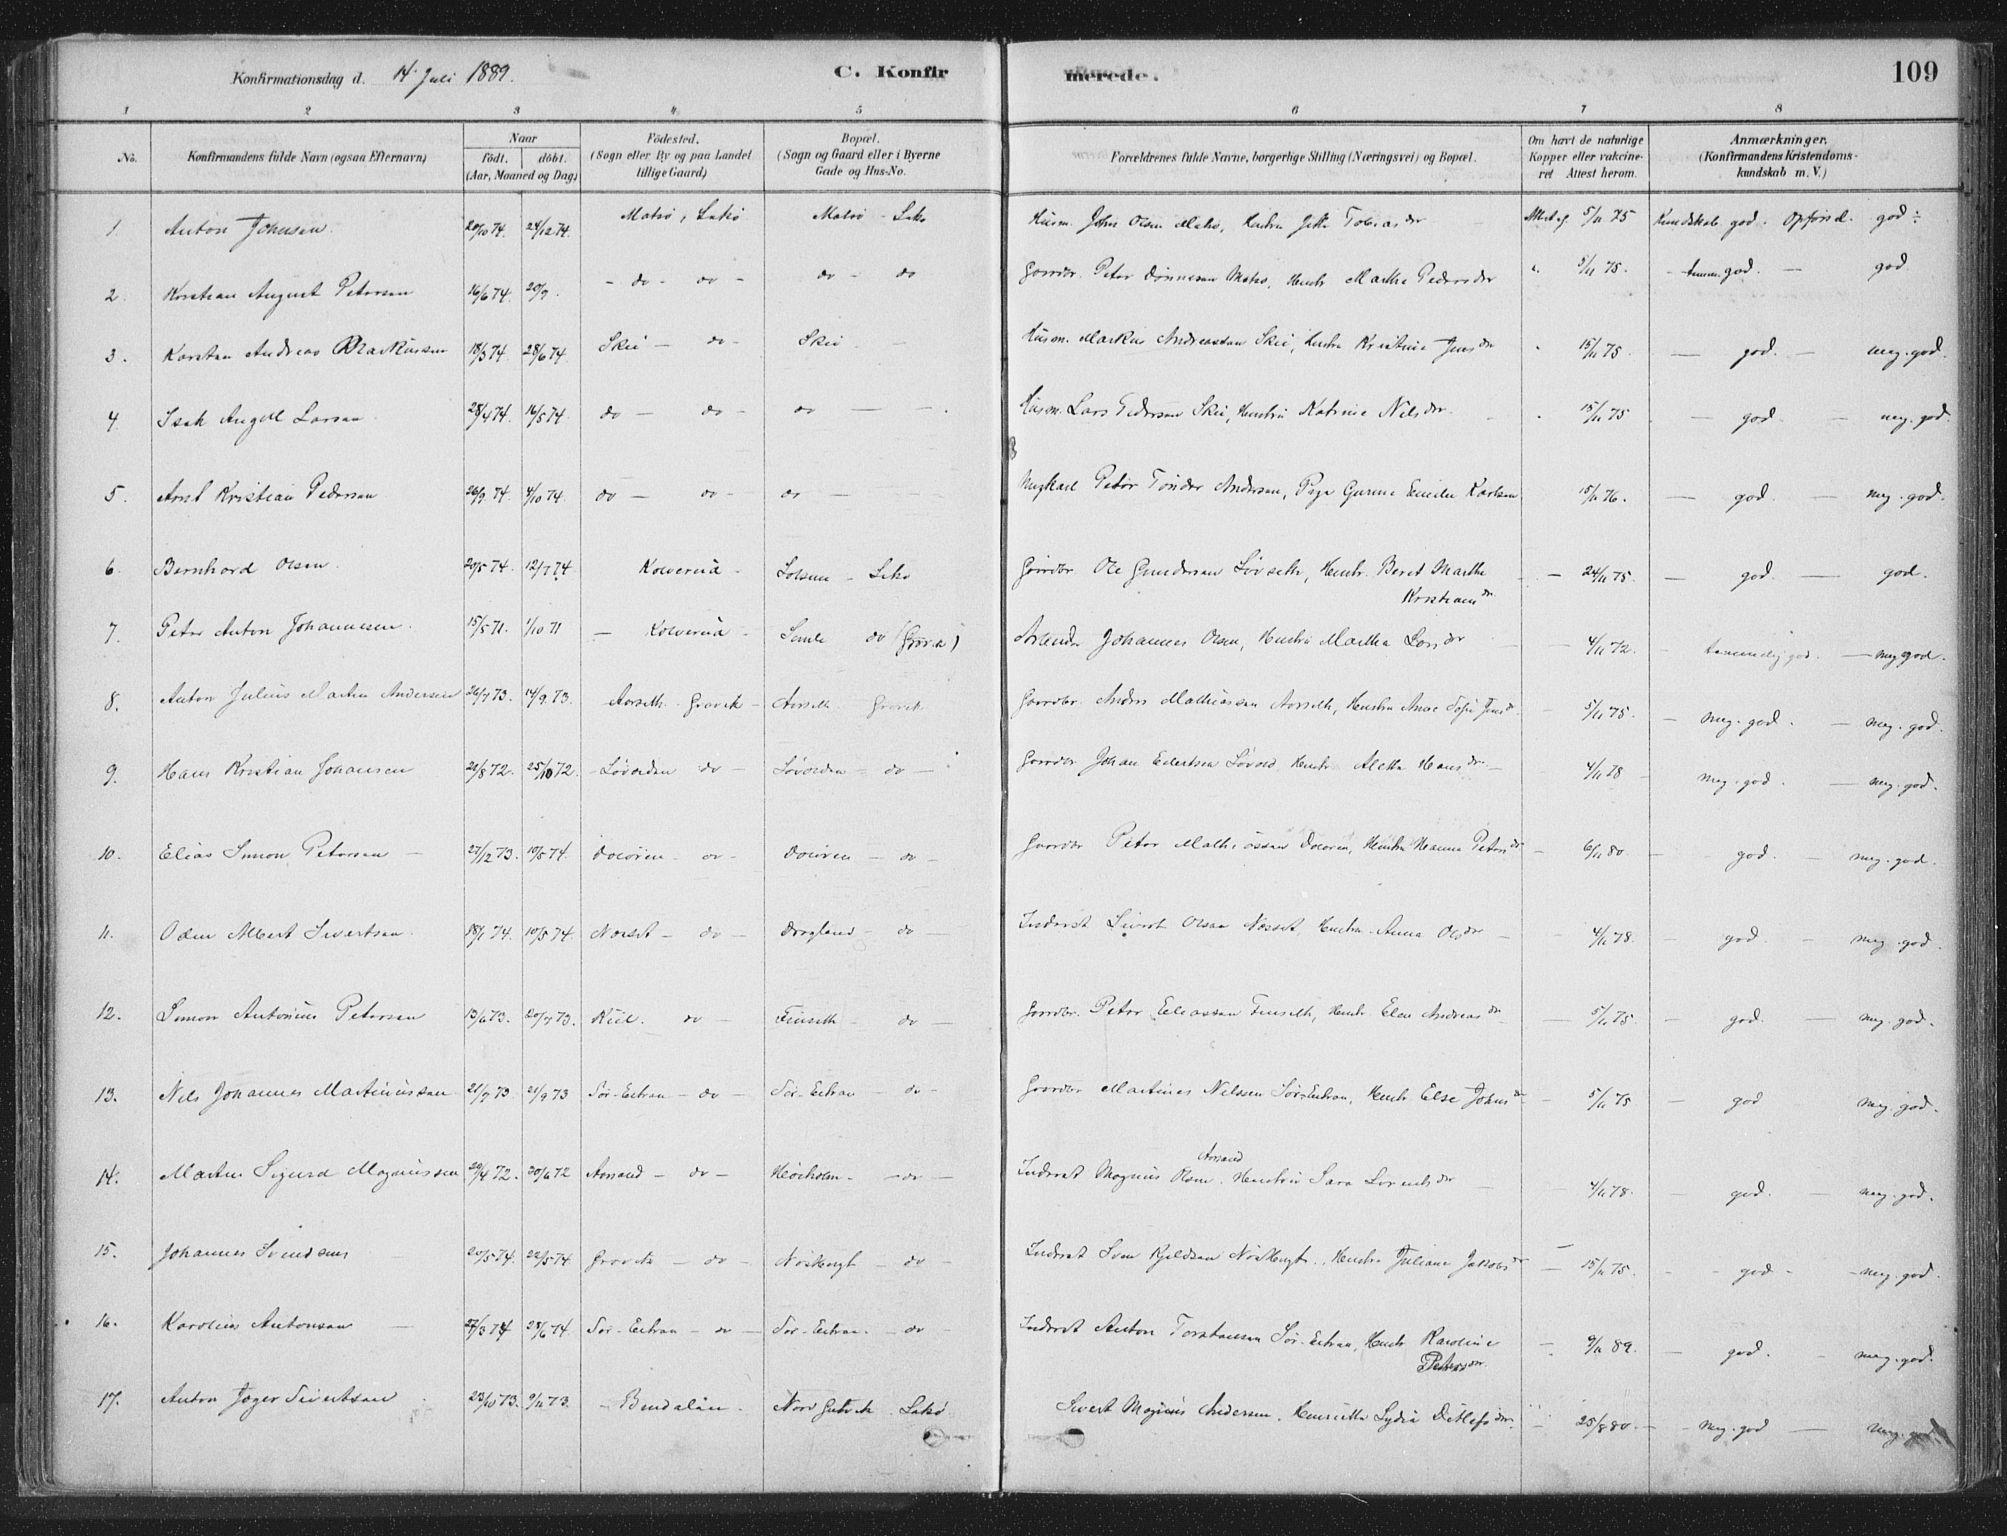 SAT, Ministerialprotokoller, klokkerbøker og fødselsregistre - Nord-Trøndelag, 788/L0697: Ministerialbok nr. 788A04, 1878-1902, s. 109